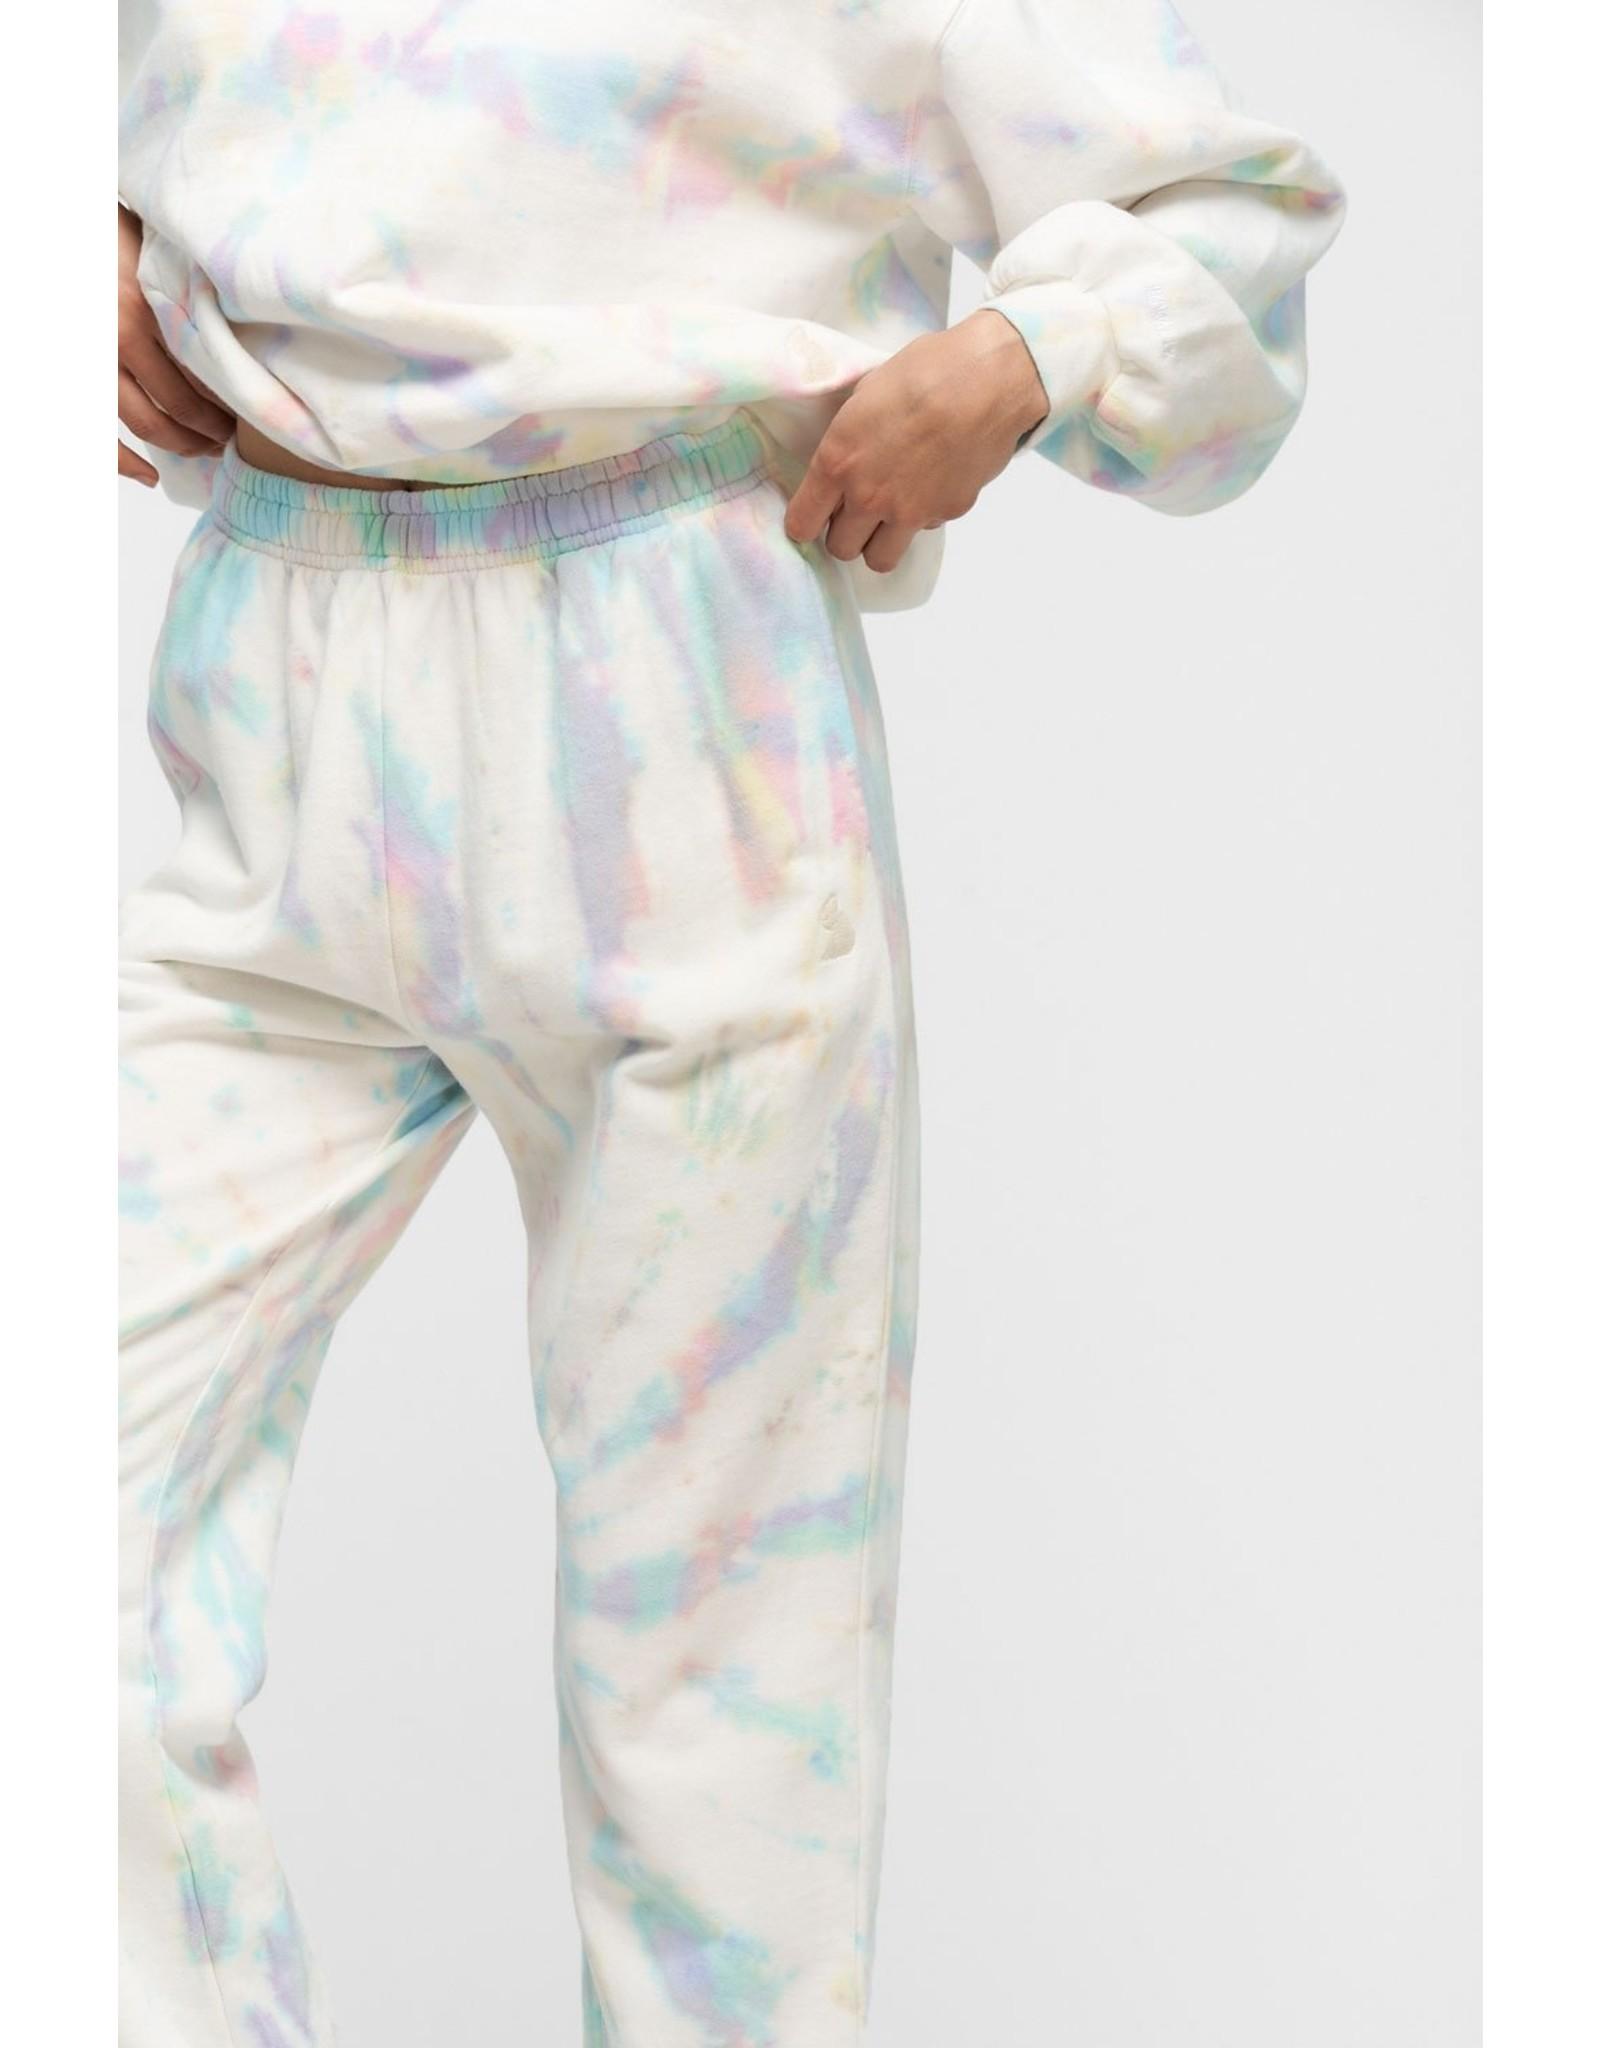 Kuwallatee Tie Dye Sweatpants